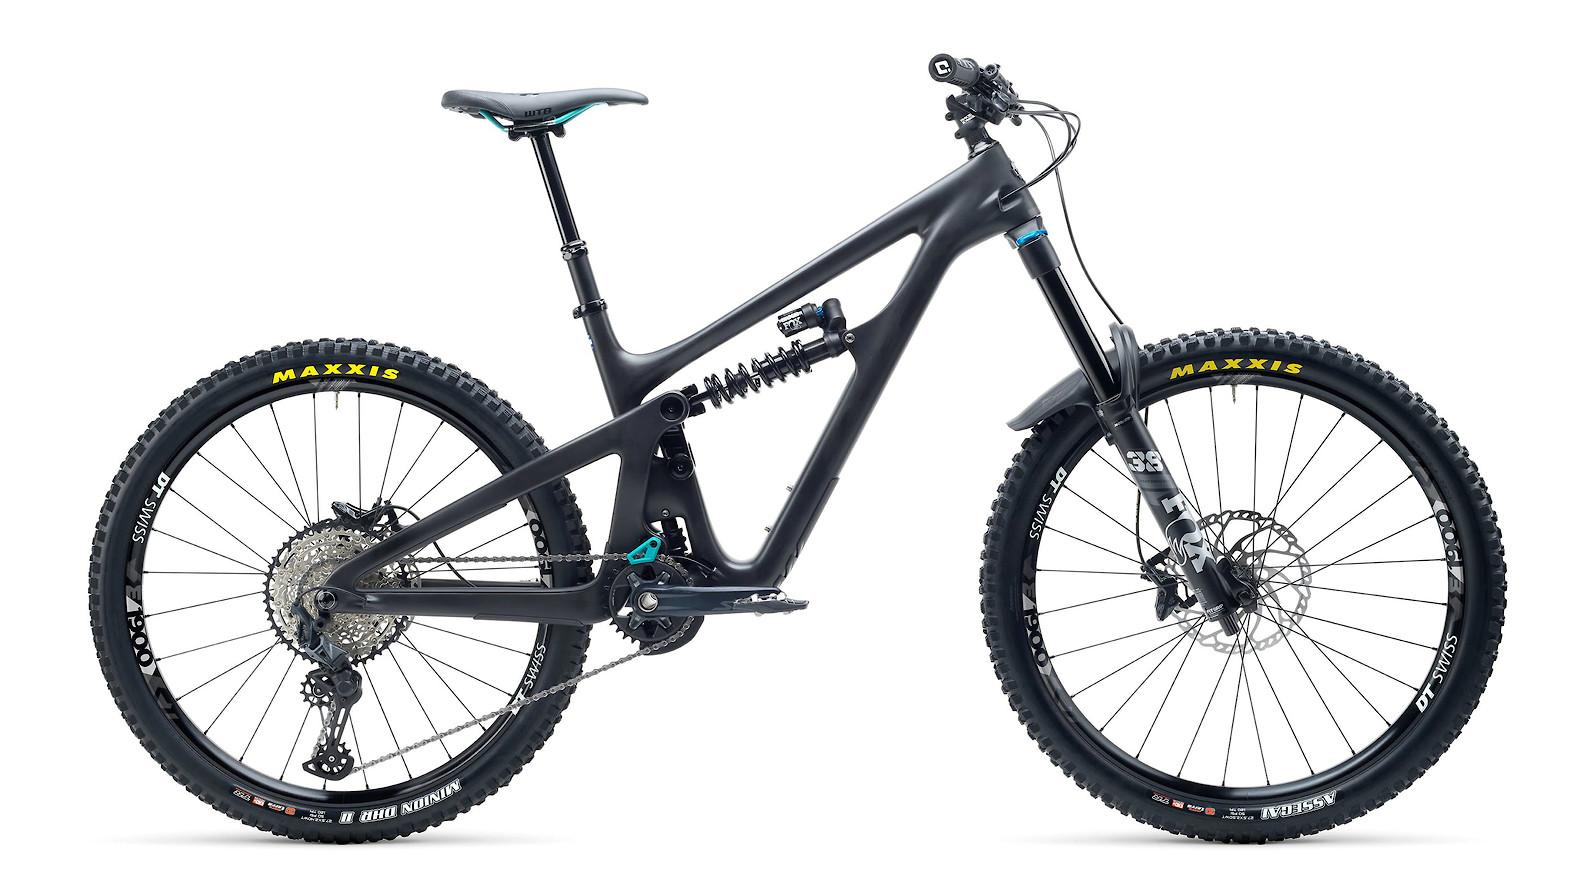 2021 Yeti SB165 C1 (Black)